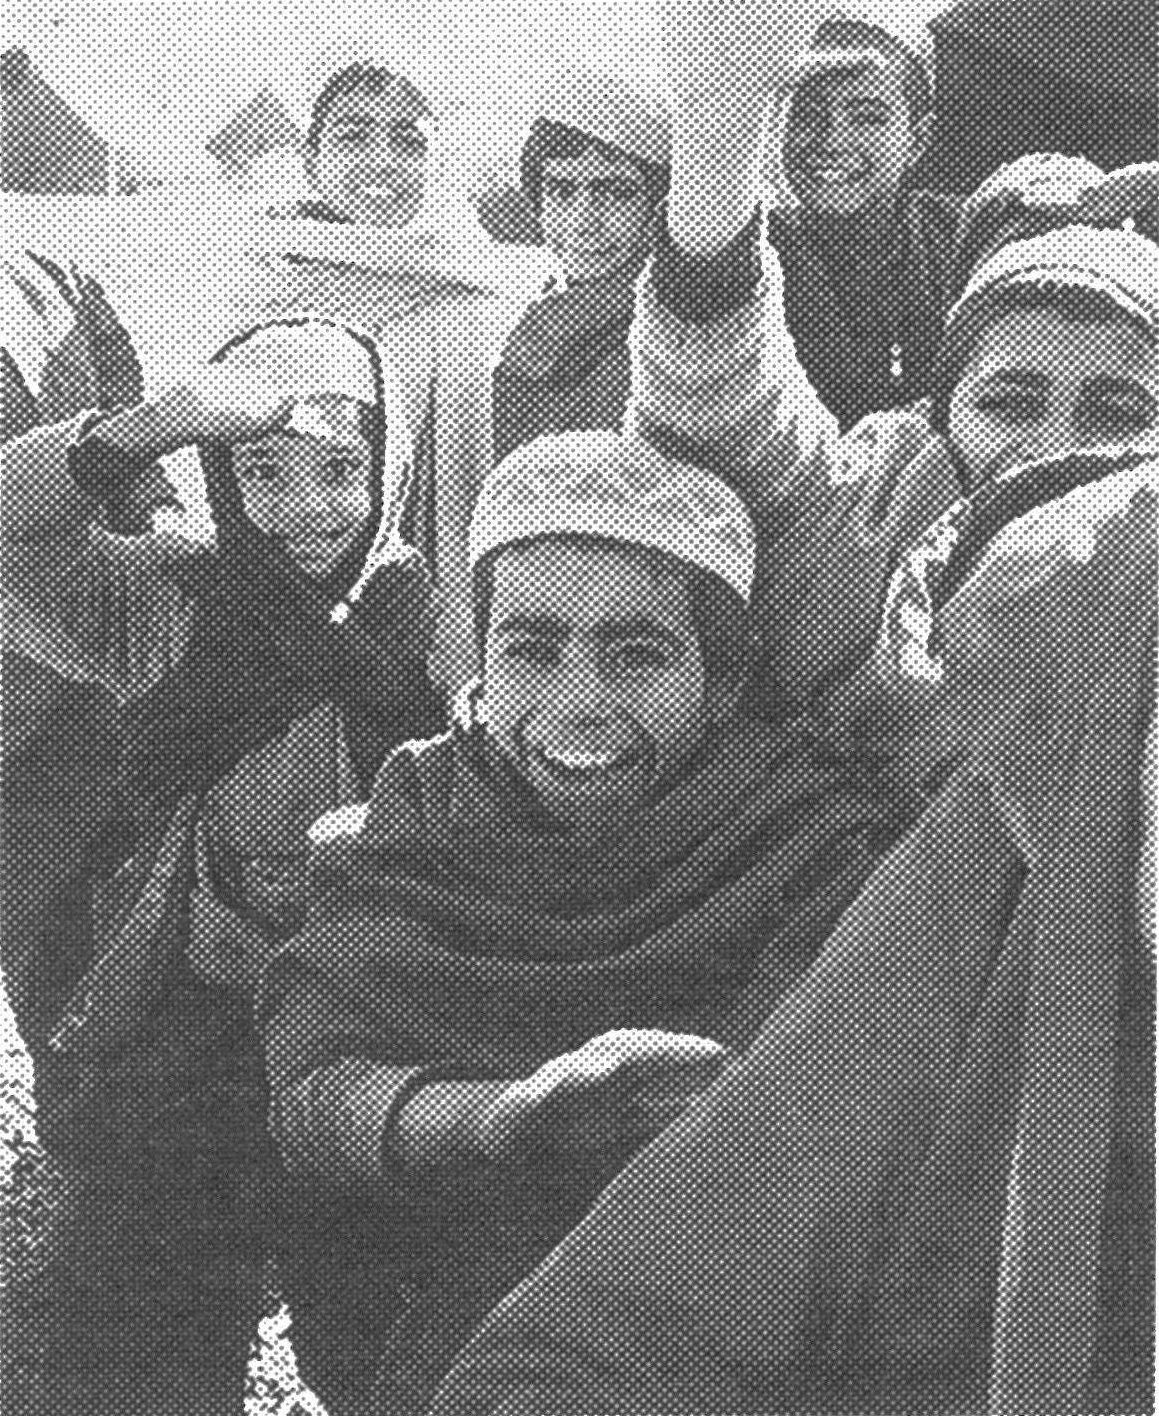 アフガン難民の子供たち